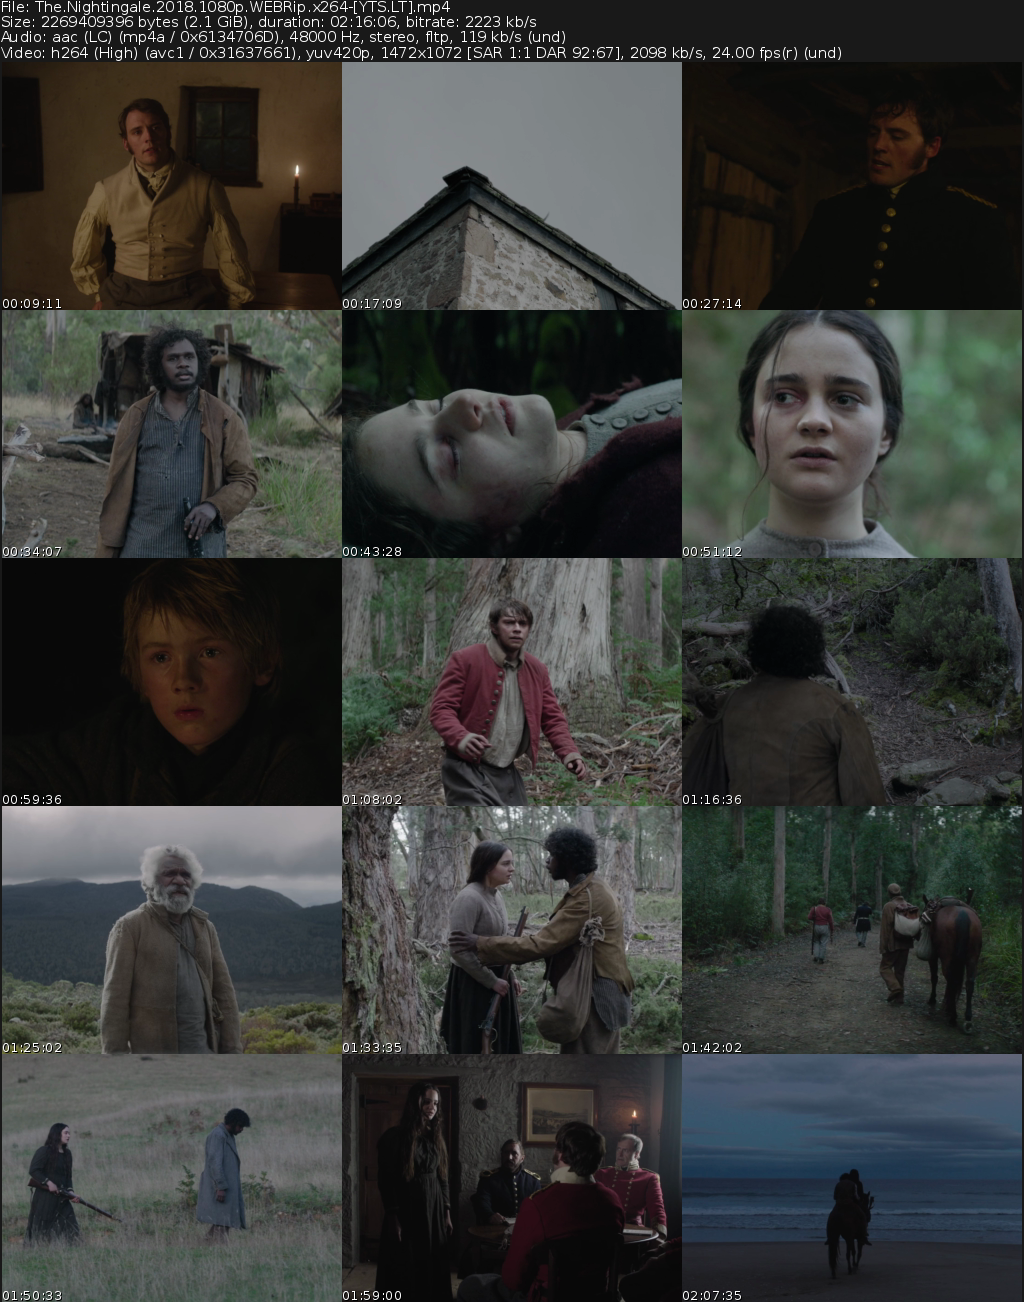 The Nightingale Movie